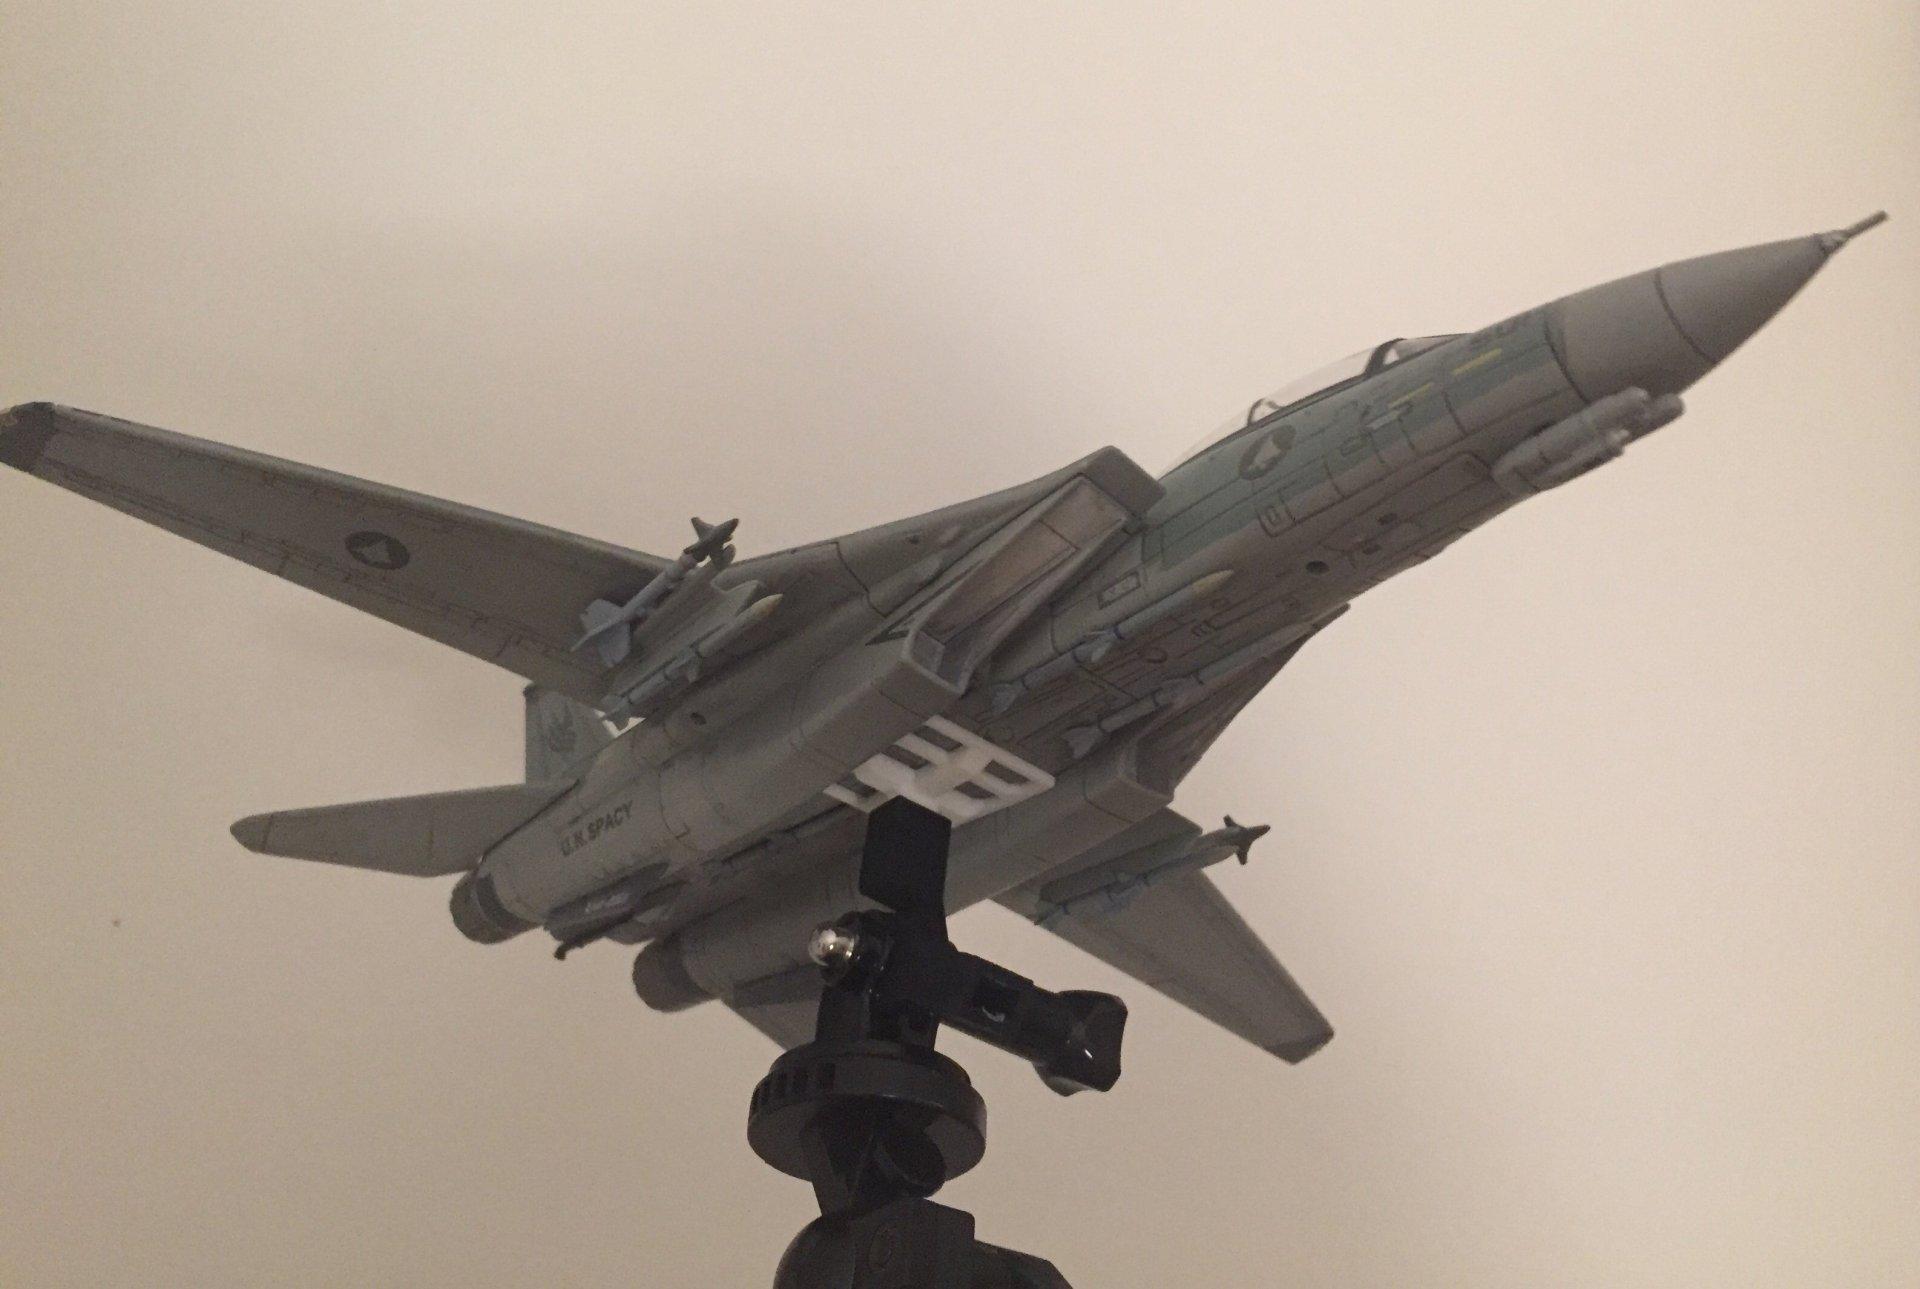 E1FAF220-88C0-413B-A955-D8B5995F5216.jpeg